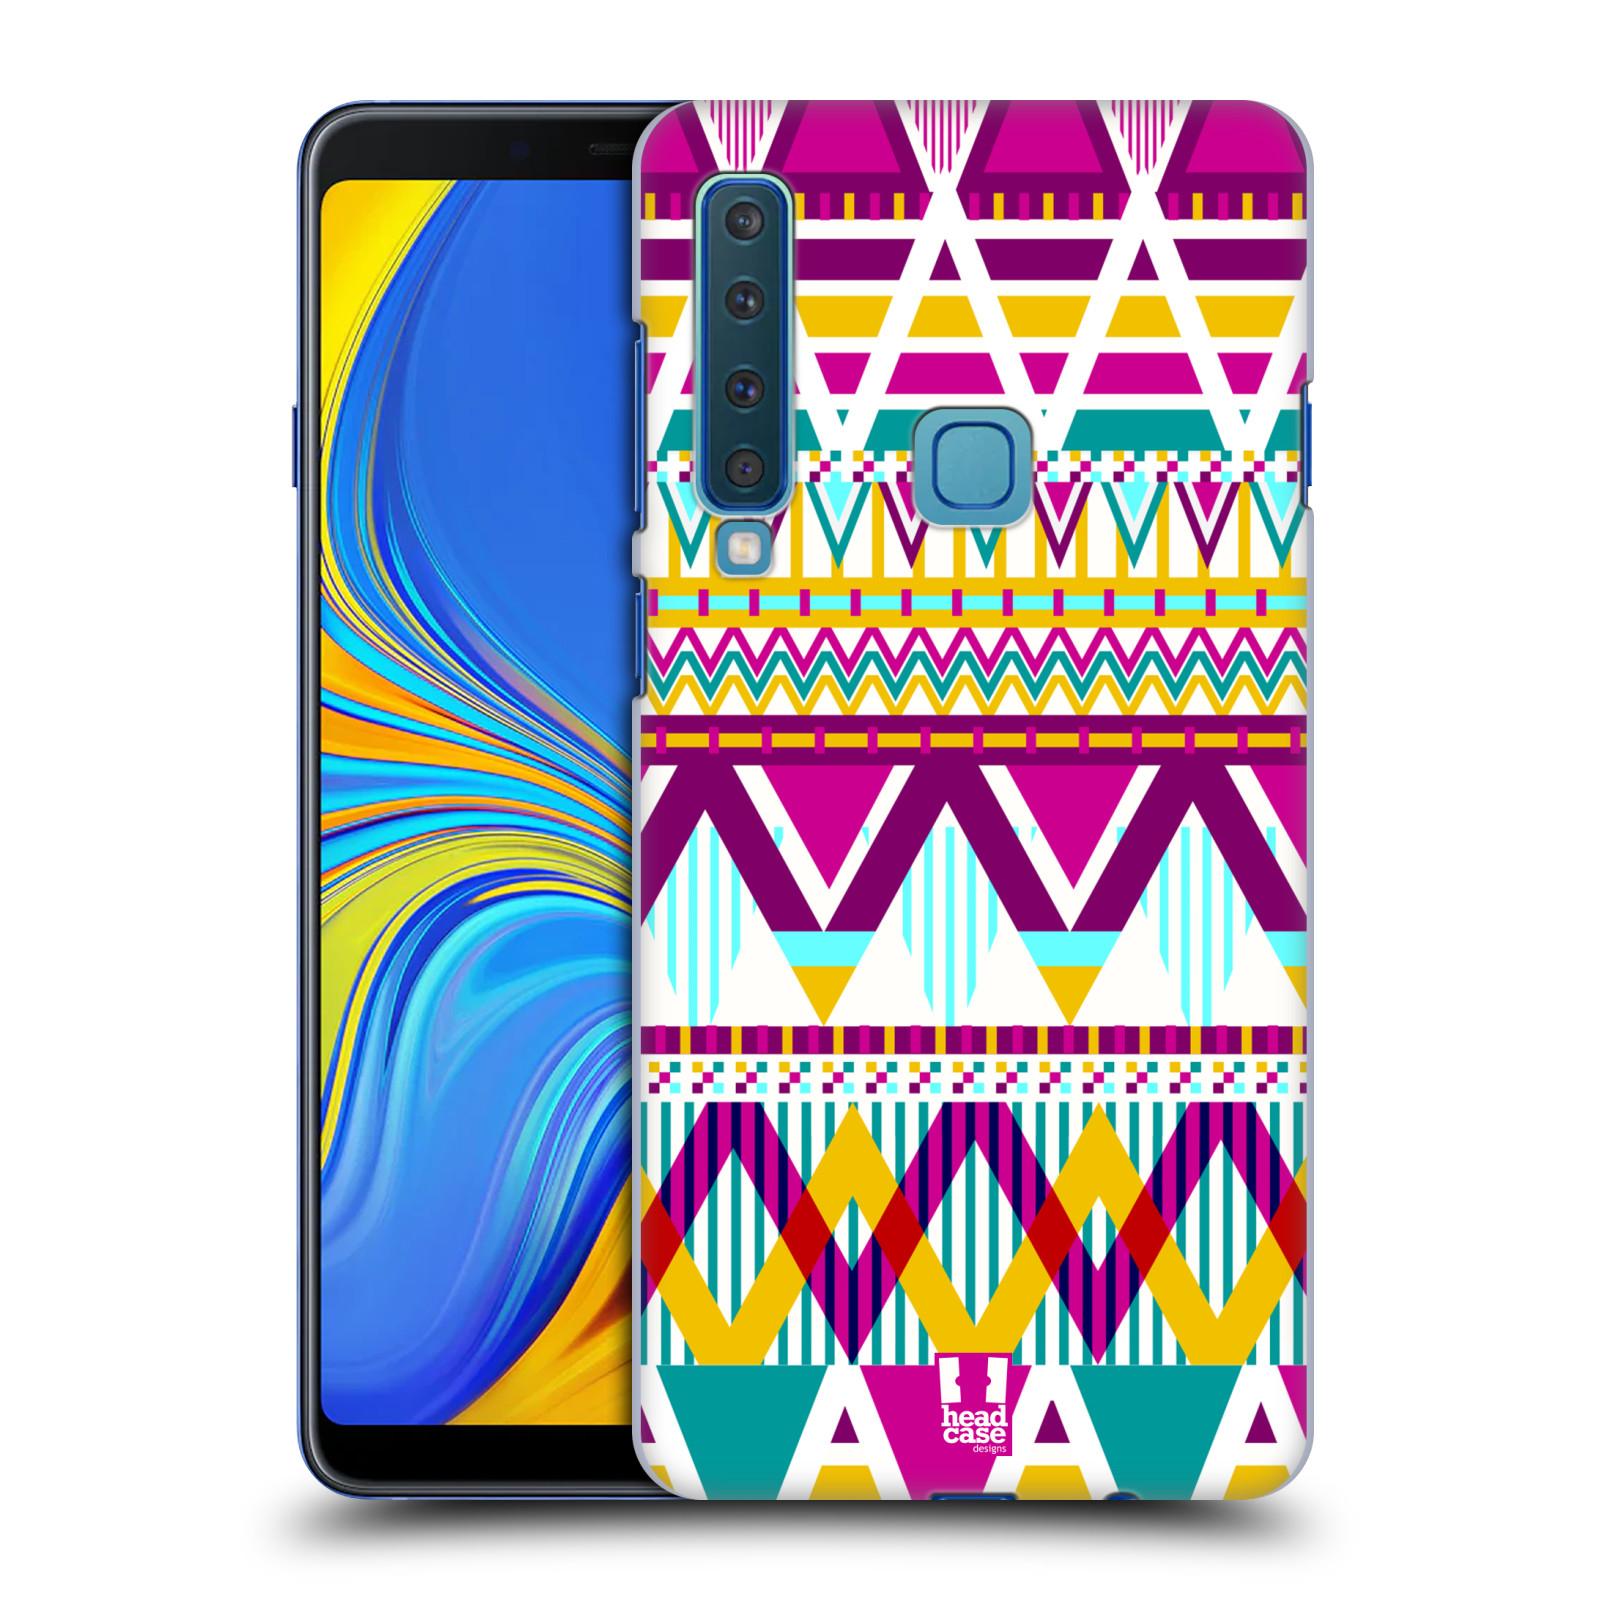 Plastové pouzdro na mobil Samsung Galaxy A9 (2018) - Head Case - AZTEC SUGARED